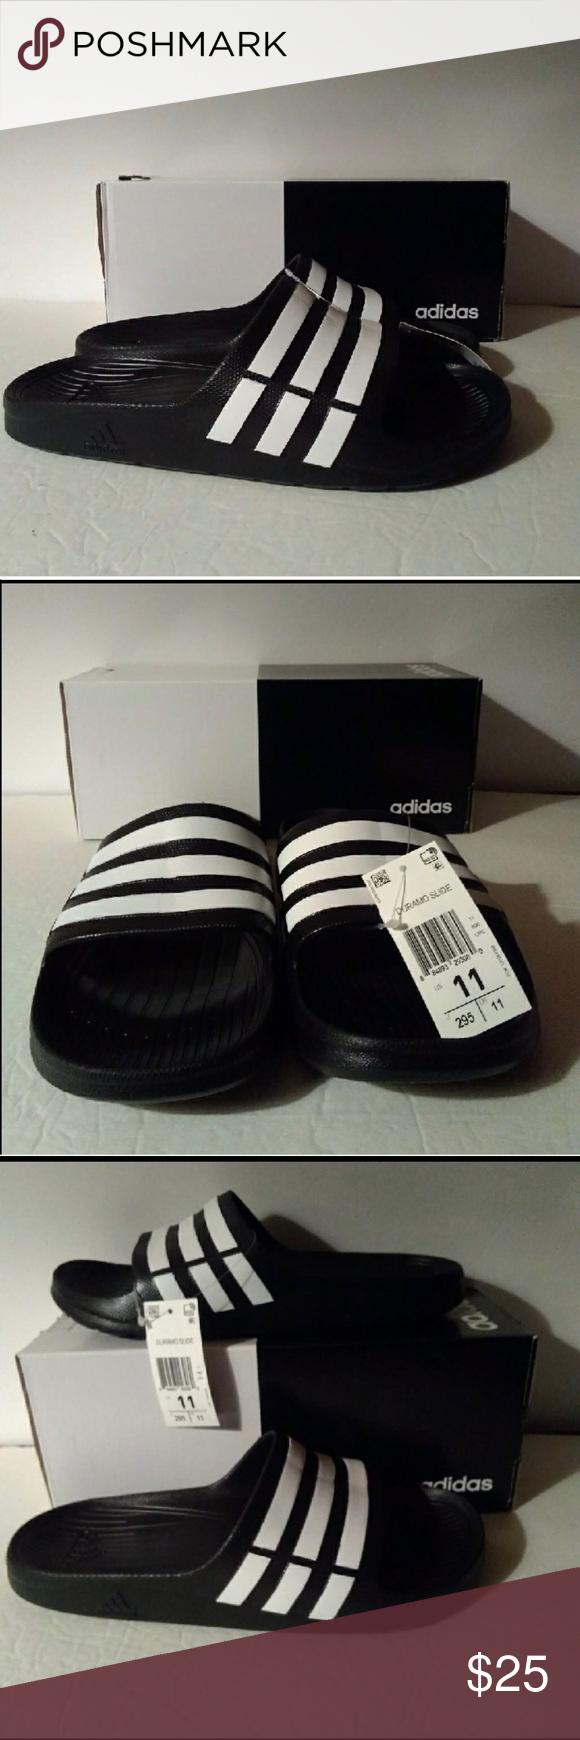 2c05863c79af Adidas Duramo Slide Adidas Duramo Slide Size 11 adidas Shoes Sandals    Flip-Flops